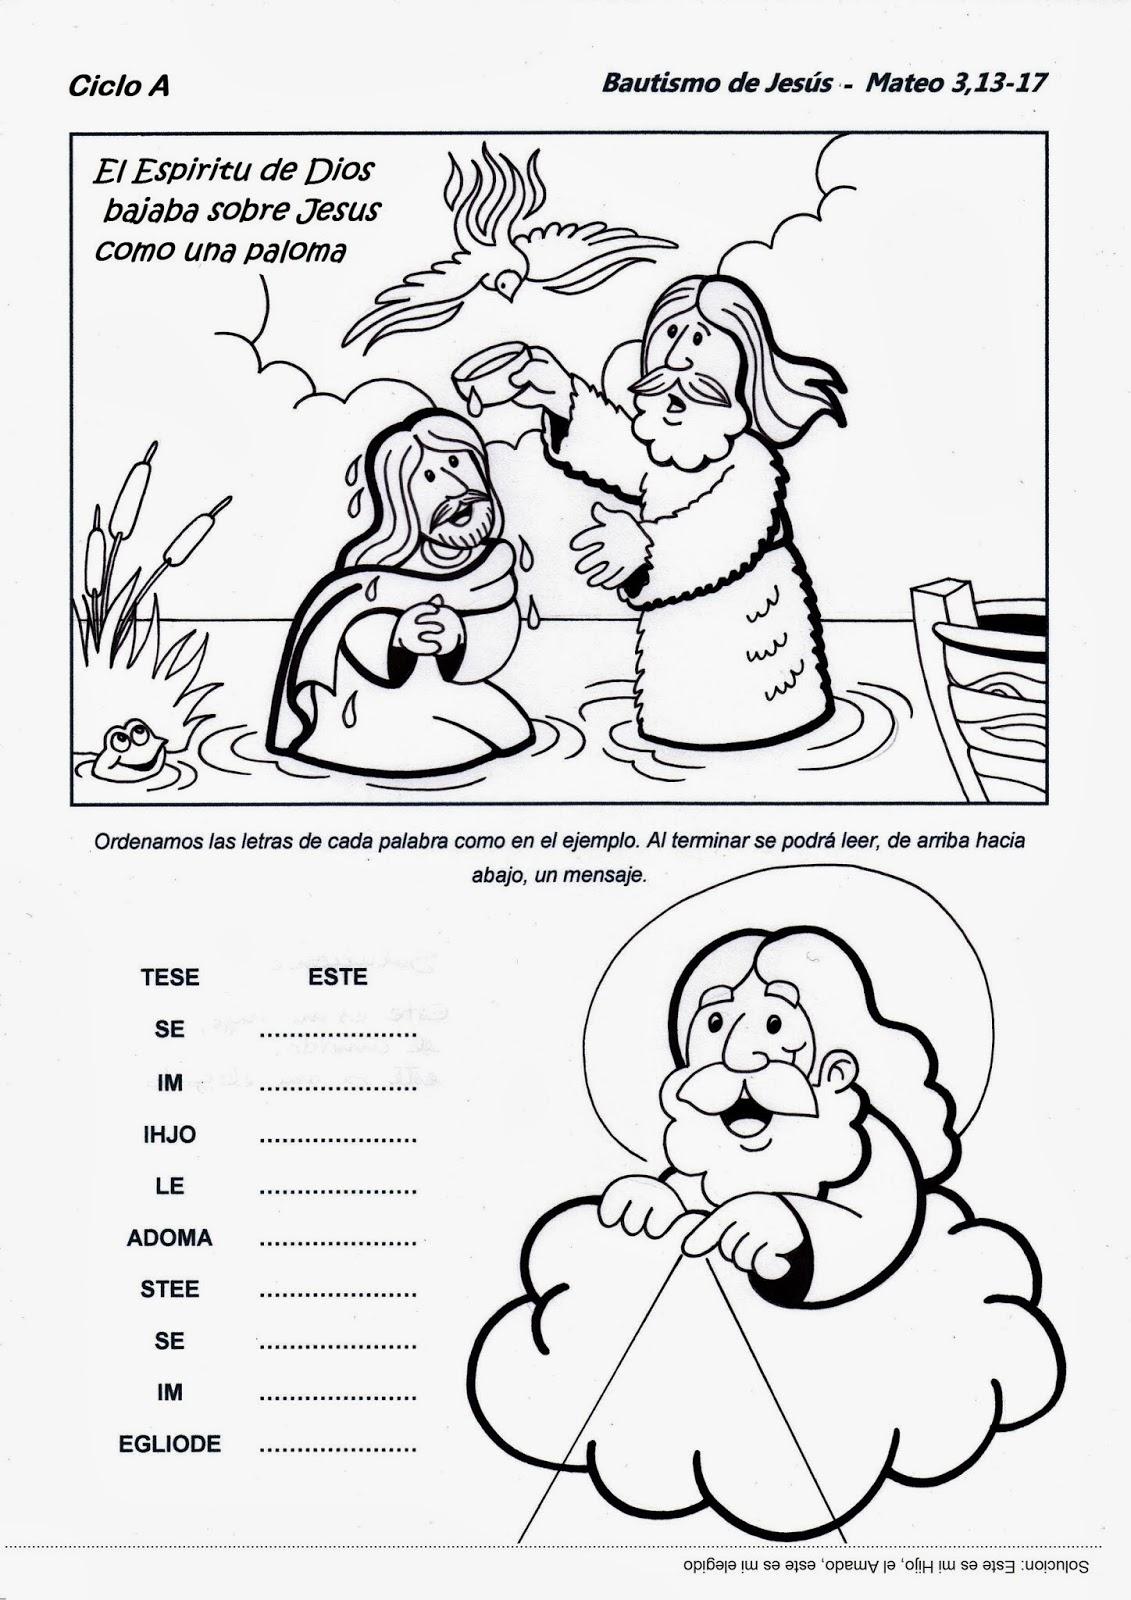 Matrimonio Catolico Resumen : El rincón de las melli bautismo jesús ciclo a